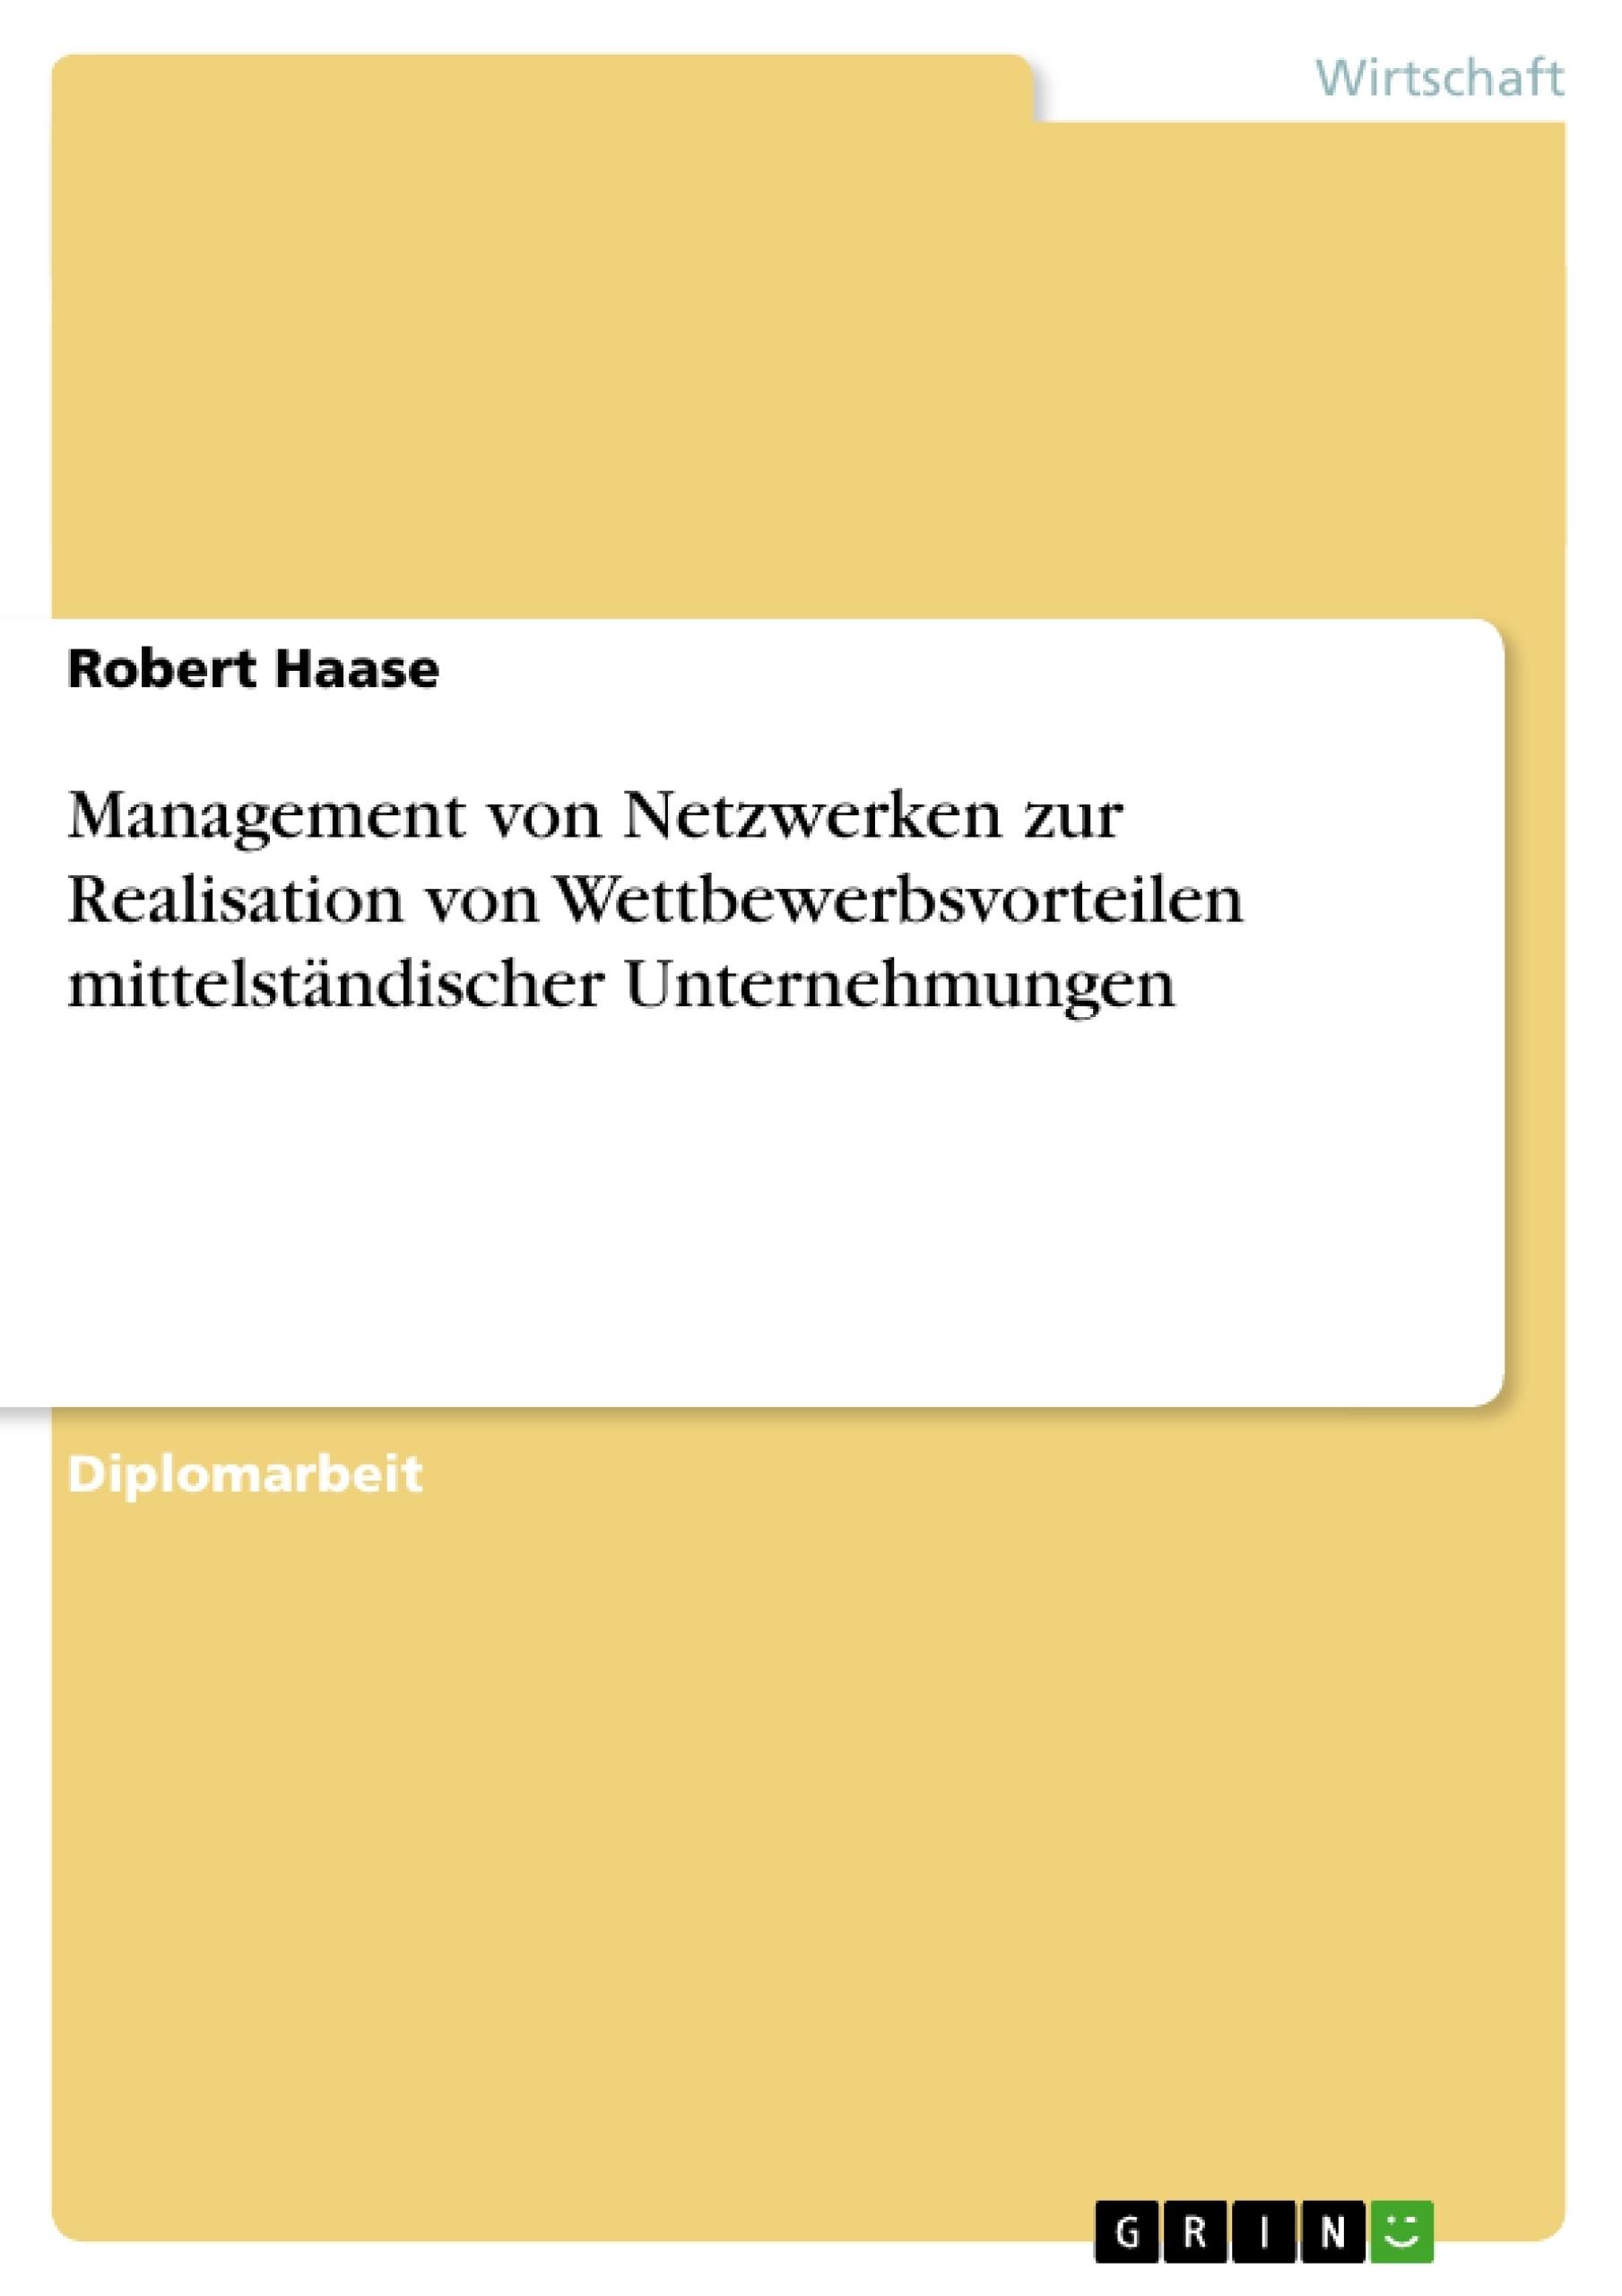 Titel: Management von Netzwerken zur Realisation von Wettbewerbsvorteilen mittelständischer Unternehmungen